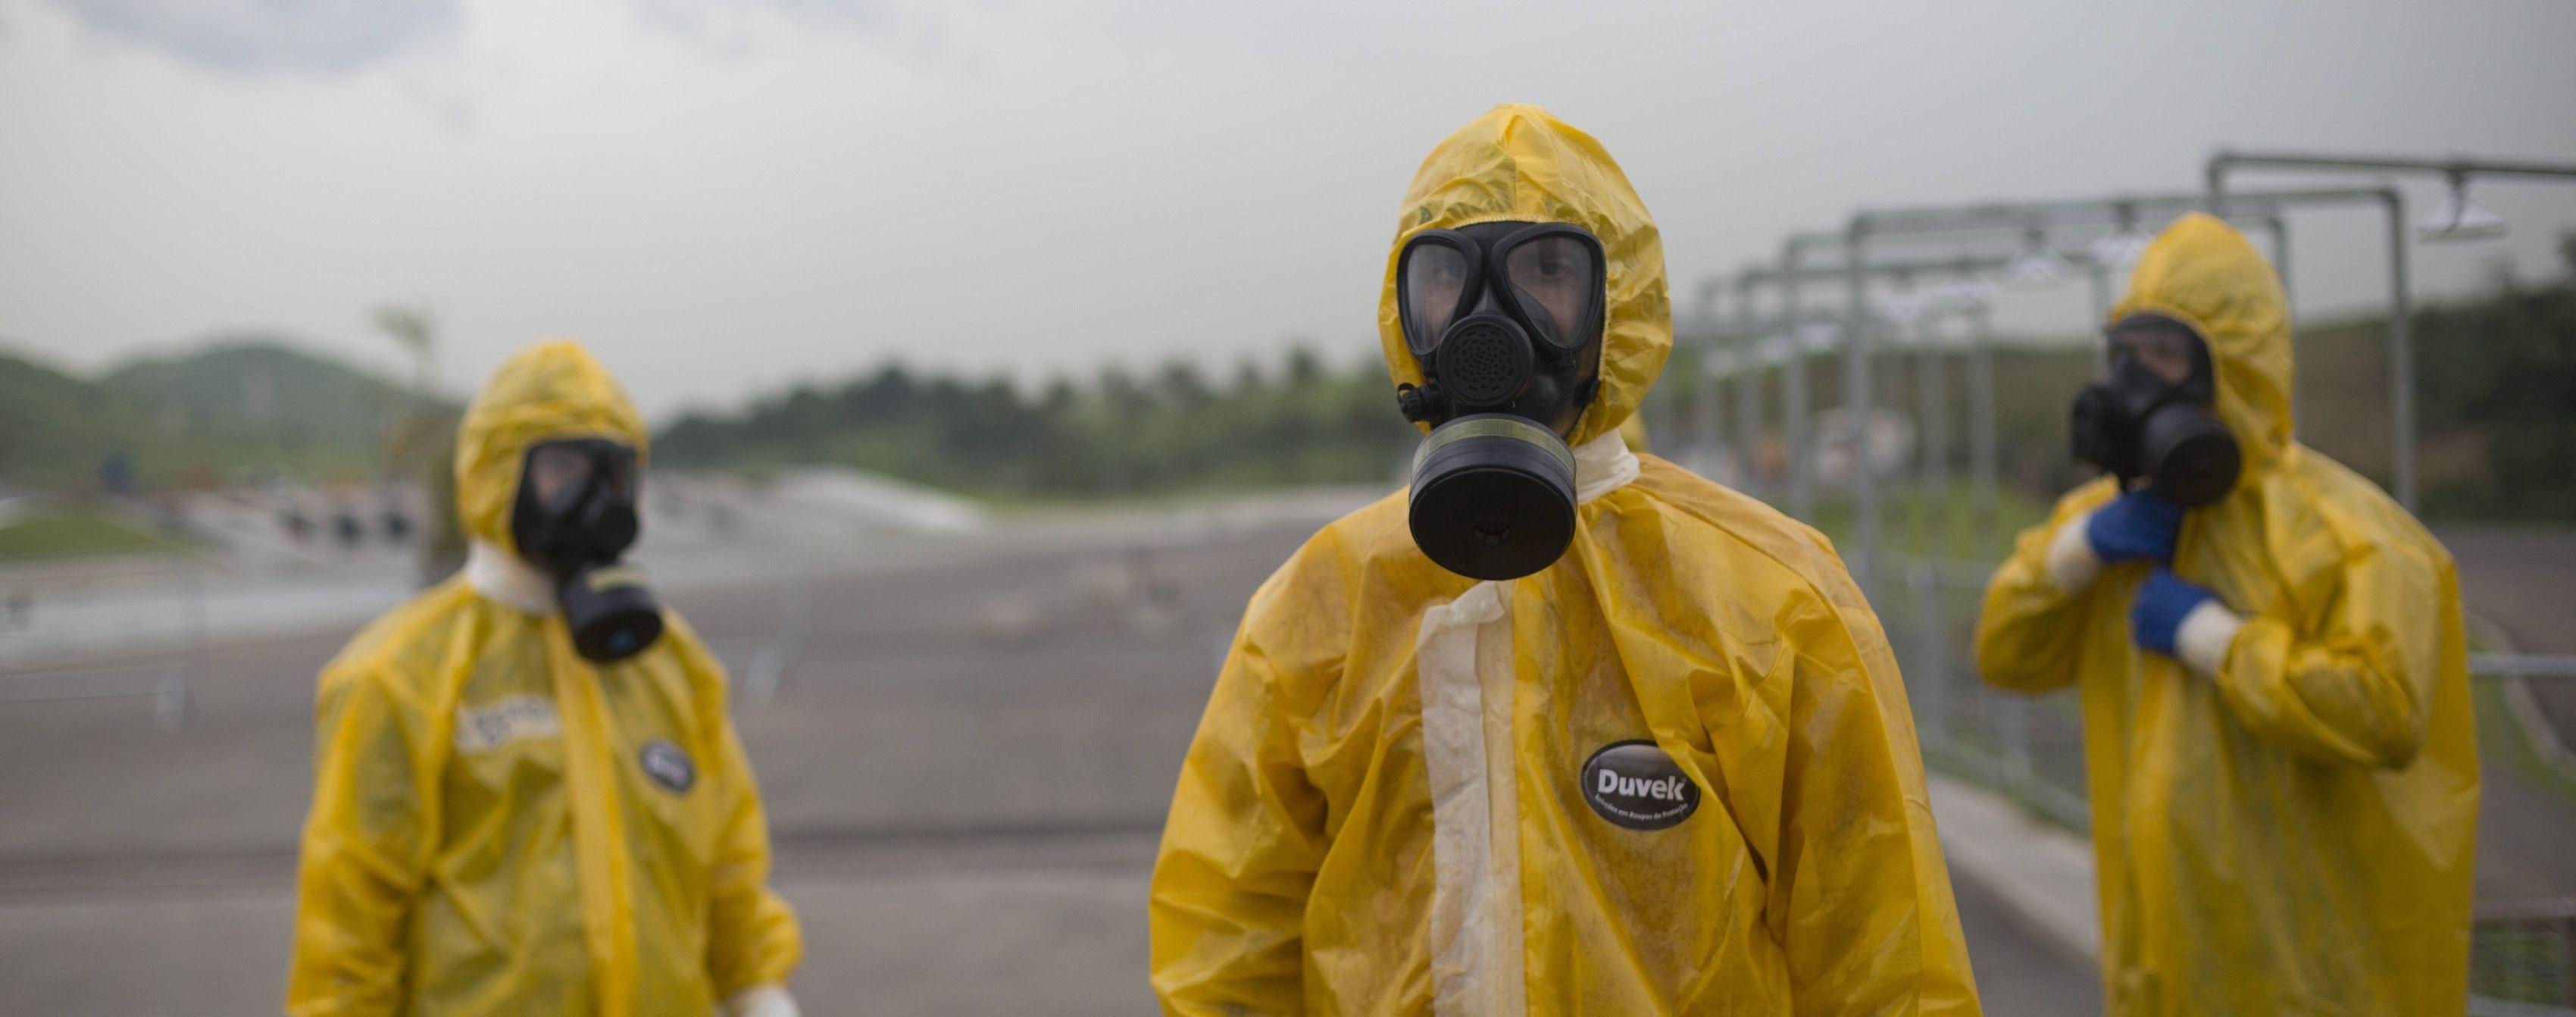 СБУ викрила шість компаній, які постачали медикам неякісні засоби захисту